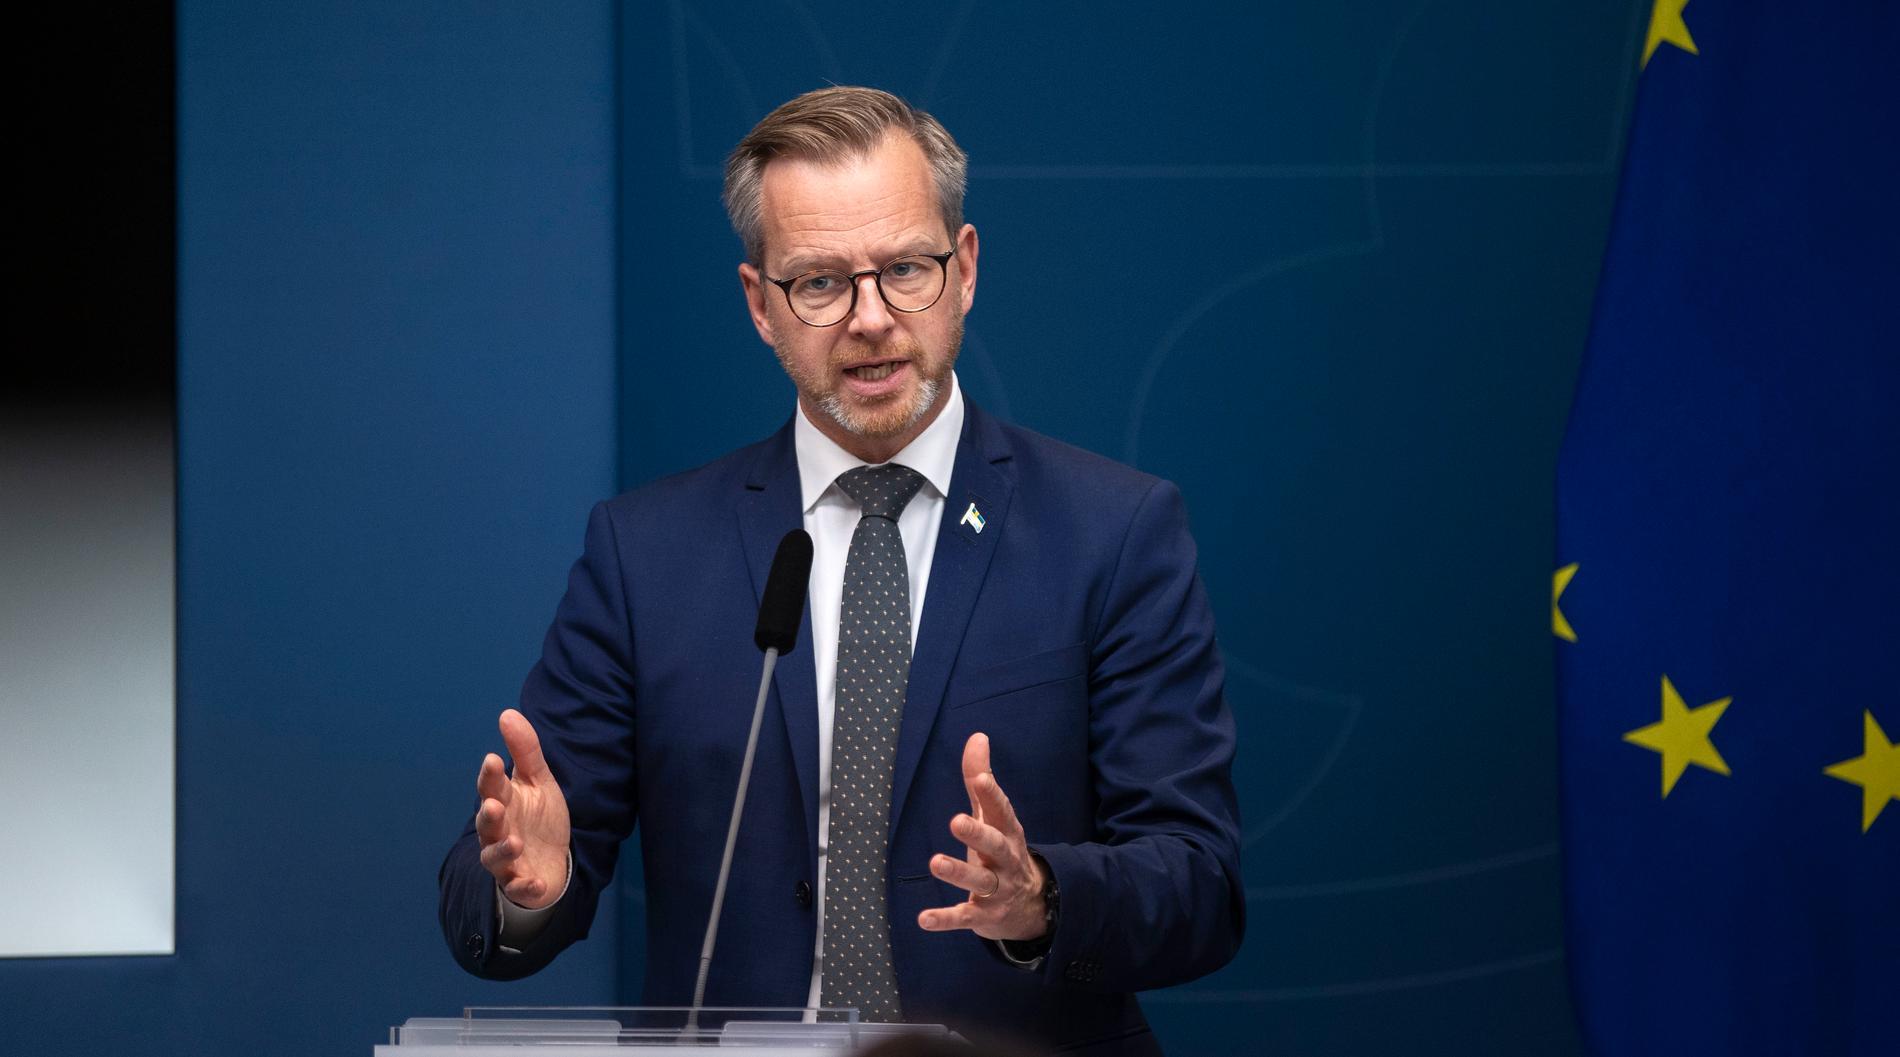 Inrikesminister Mikael Damberg sa sig vara stolt över polisens prestation som lett till att 155 personer har gripits det senaste dygnet.